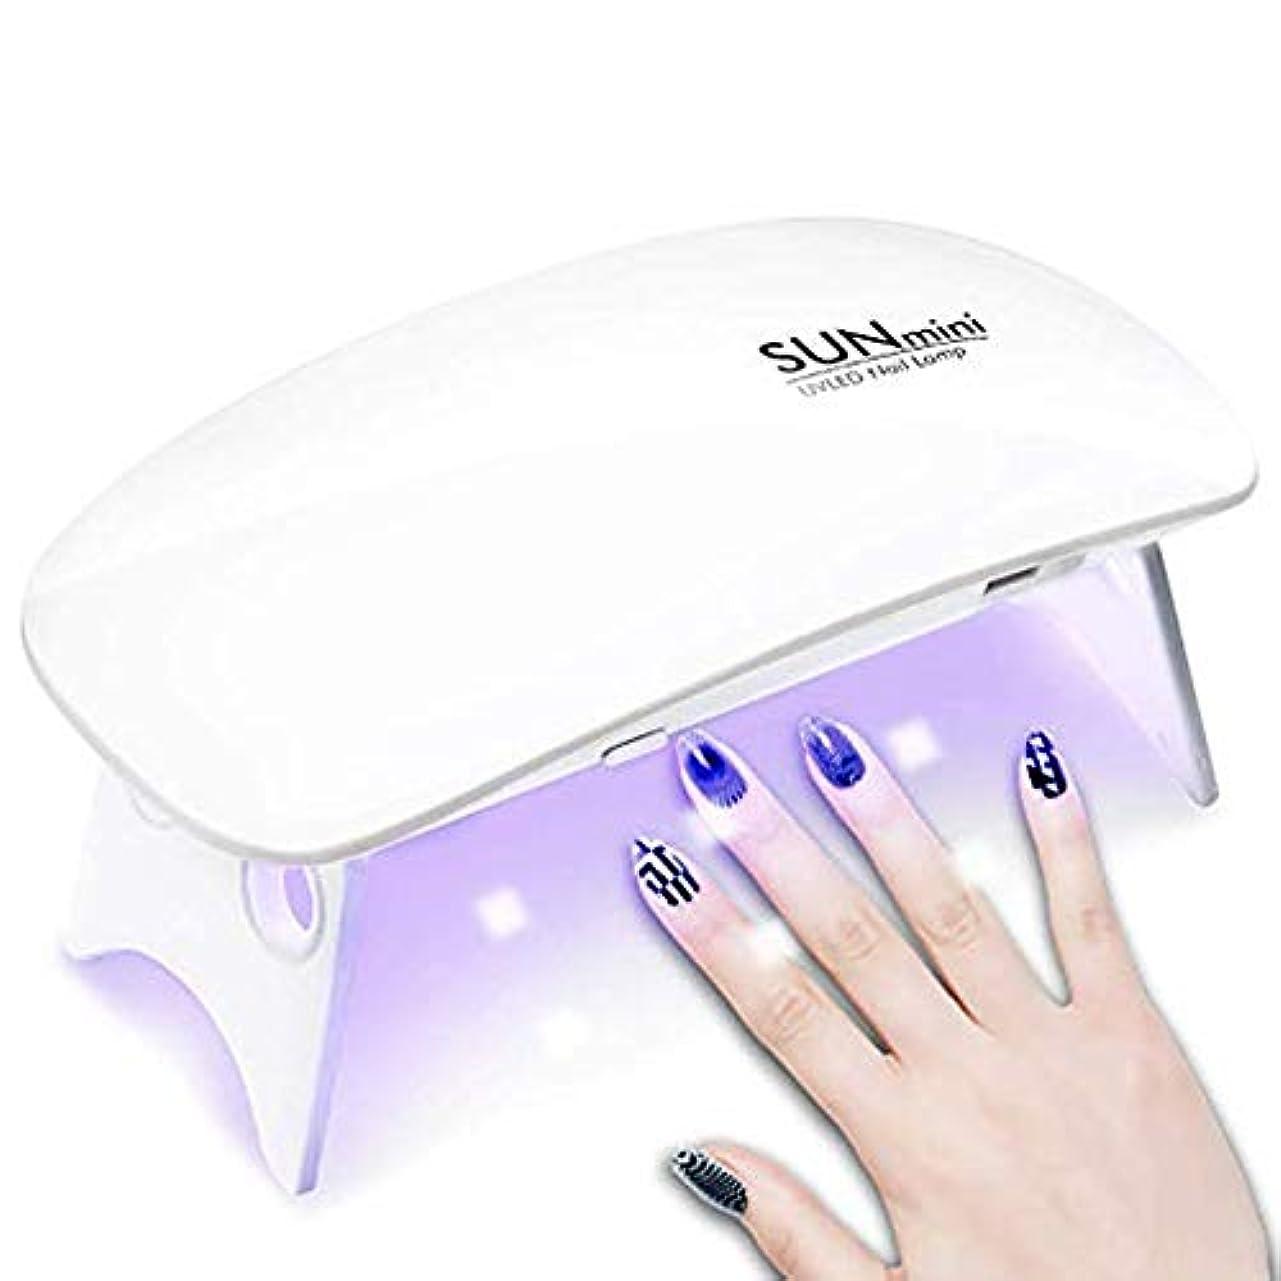 恐れ危険バラバラにするLEDネイルドライヤー UVライト 折りたたみ式 設定可能 タイマー ジェルネイル LED 硬化ライト UV と LEDダブルライト ジェルネイル用 ホワイト